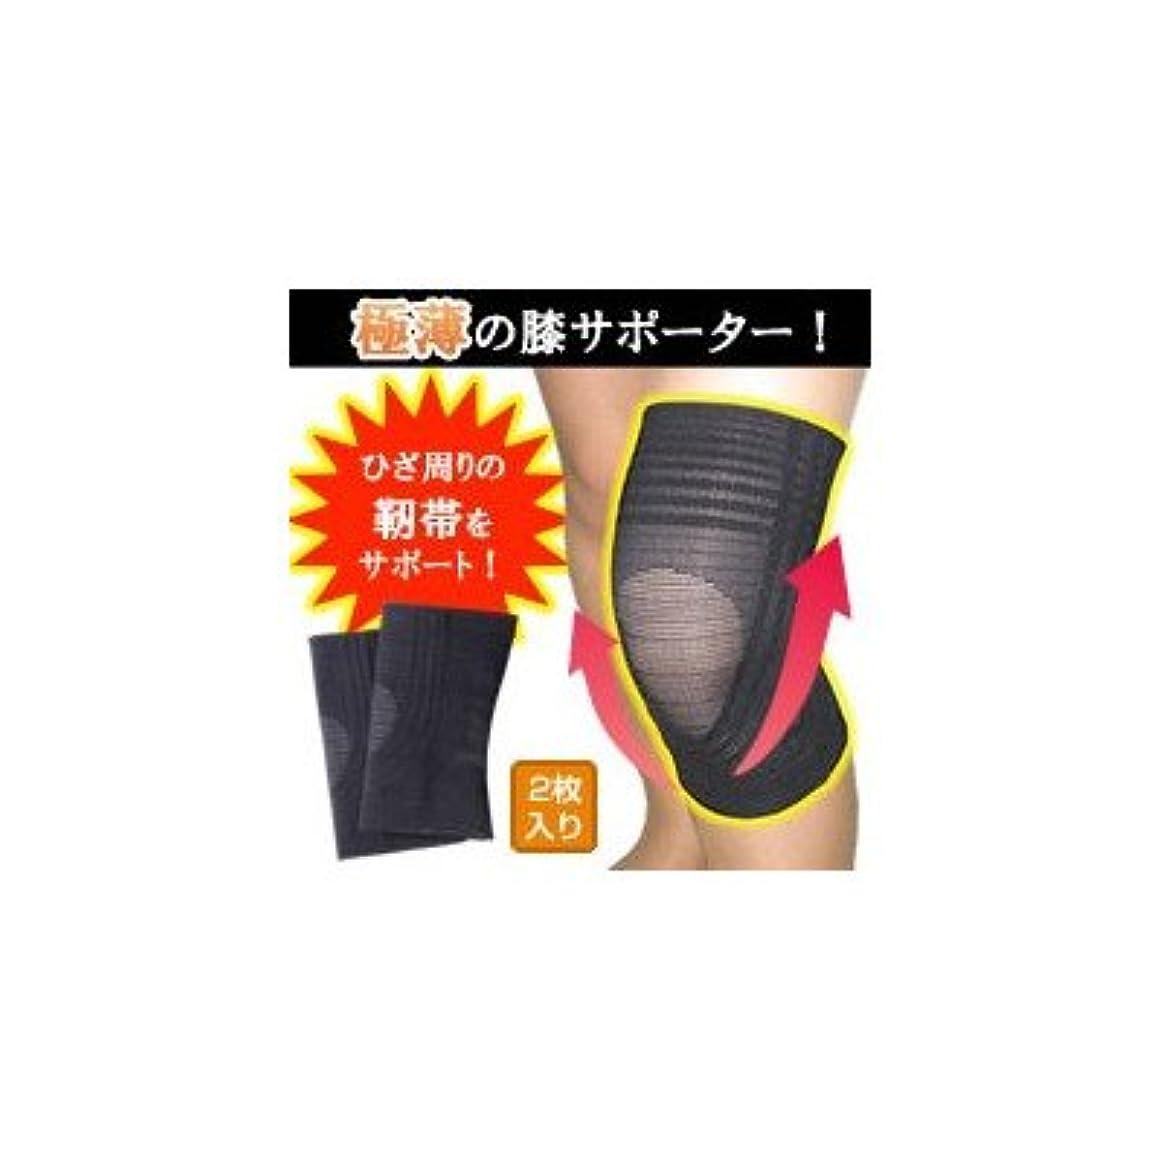 地獄メッシュ地獄縁の下の膝靭帯サポーター M( 画像はイメージ画像です お届けの商品はMのみとなります)